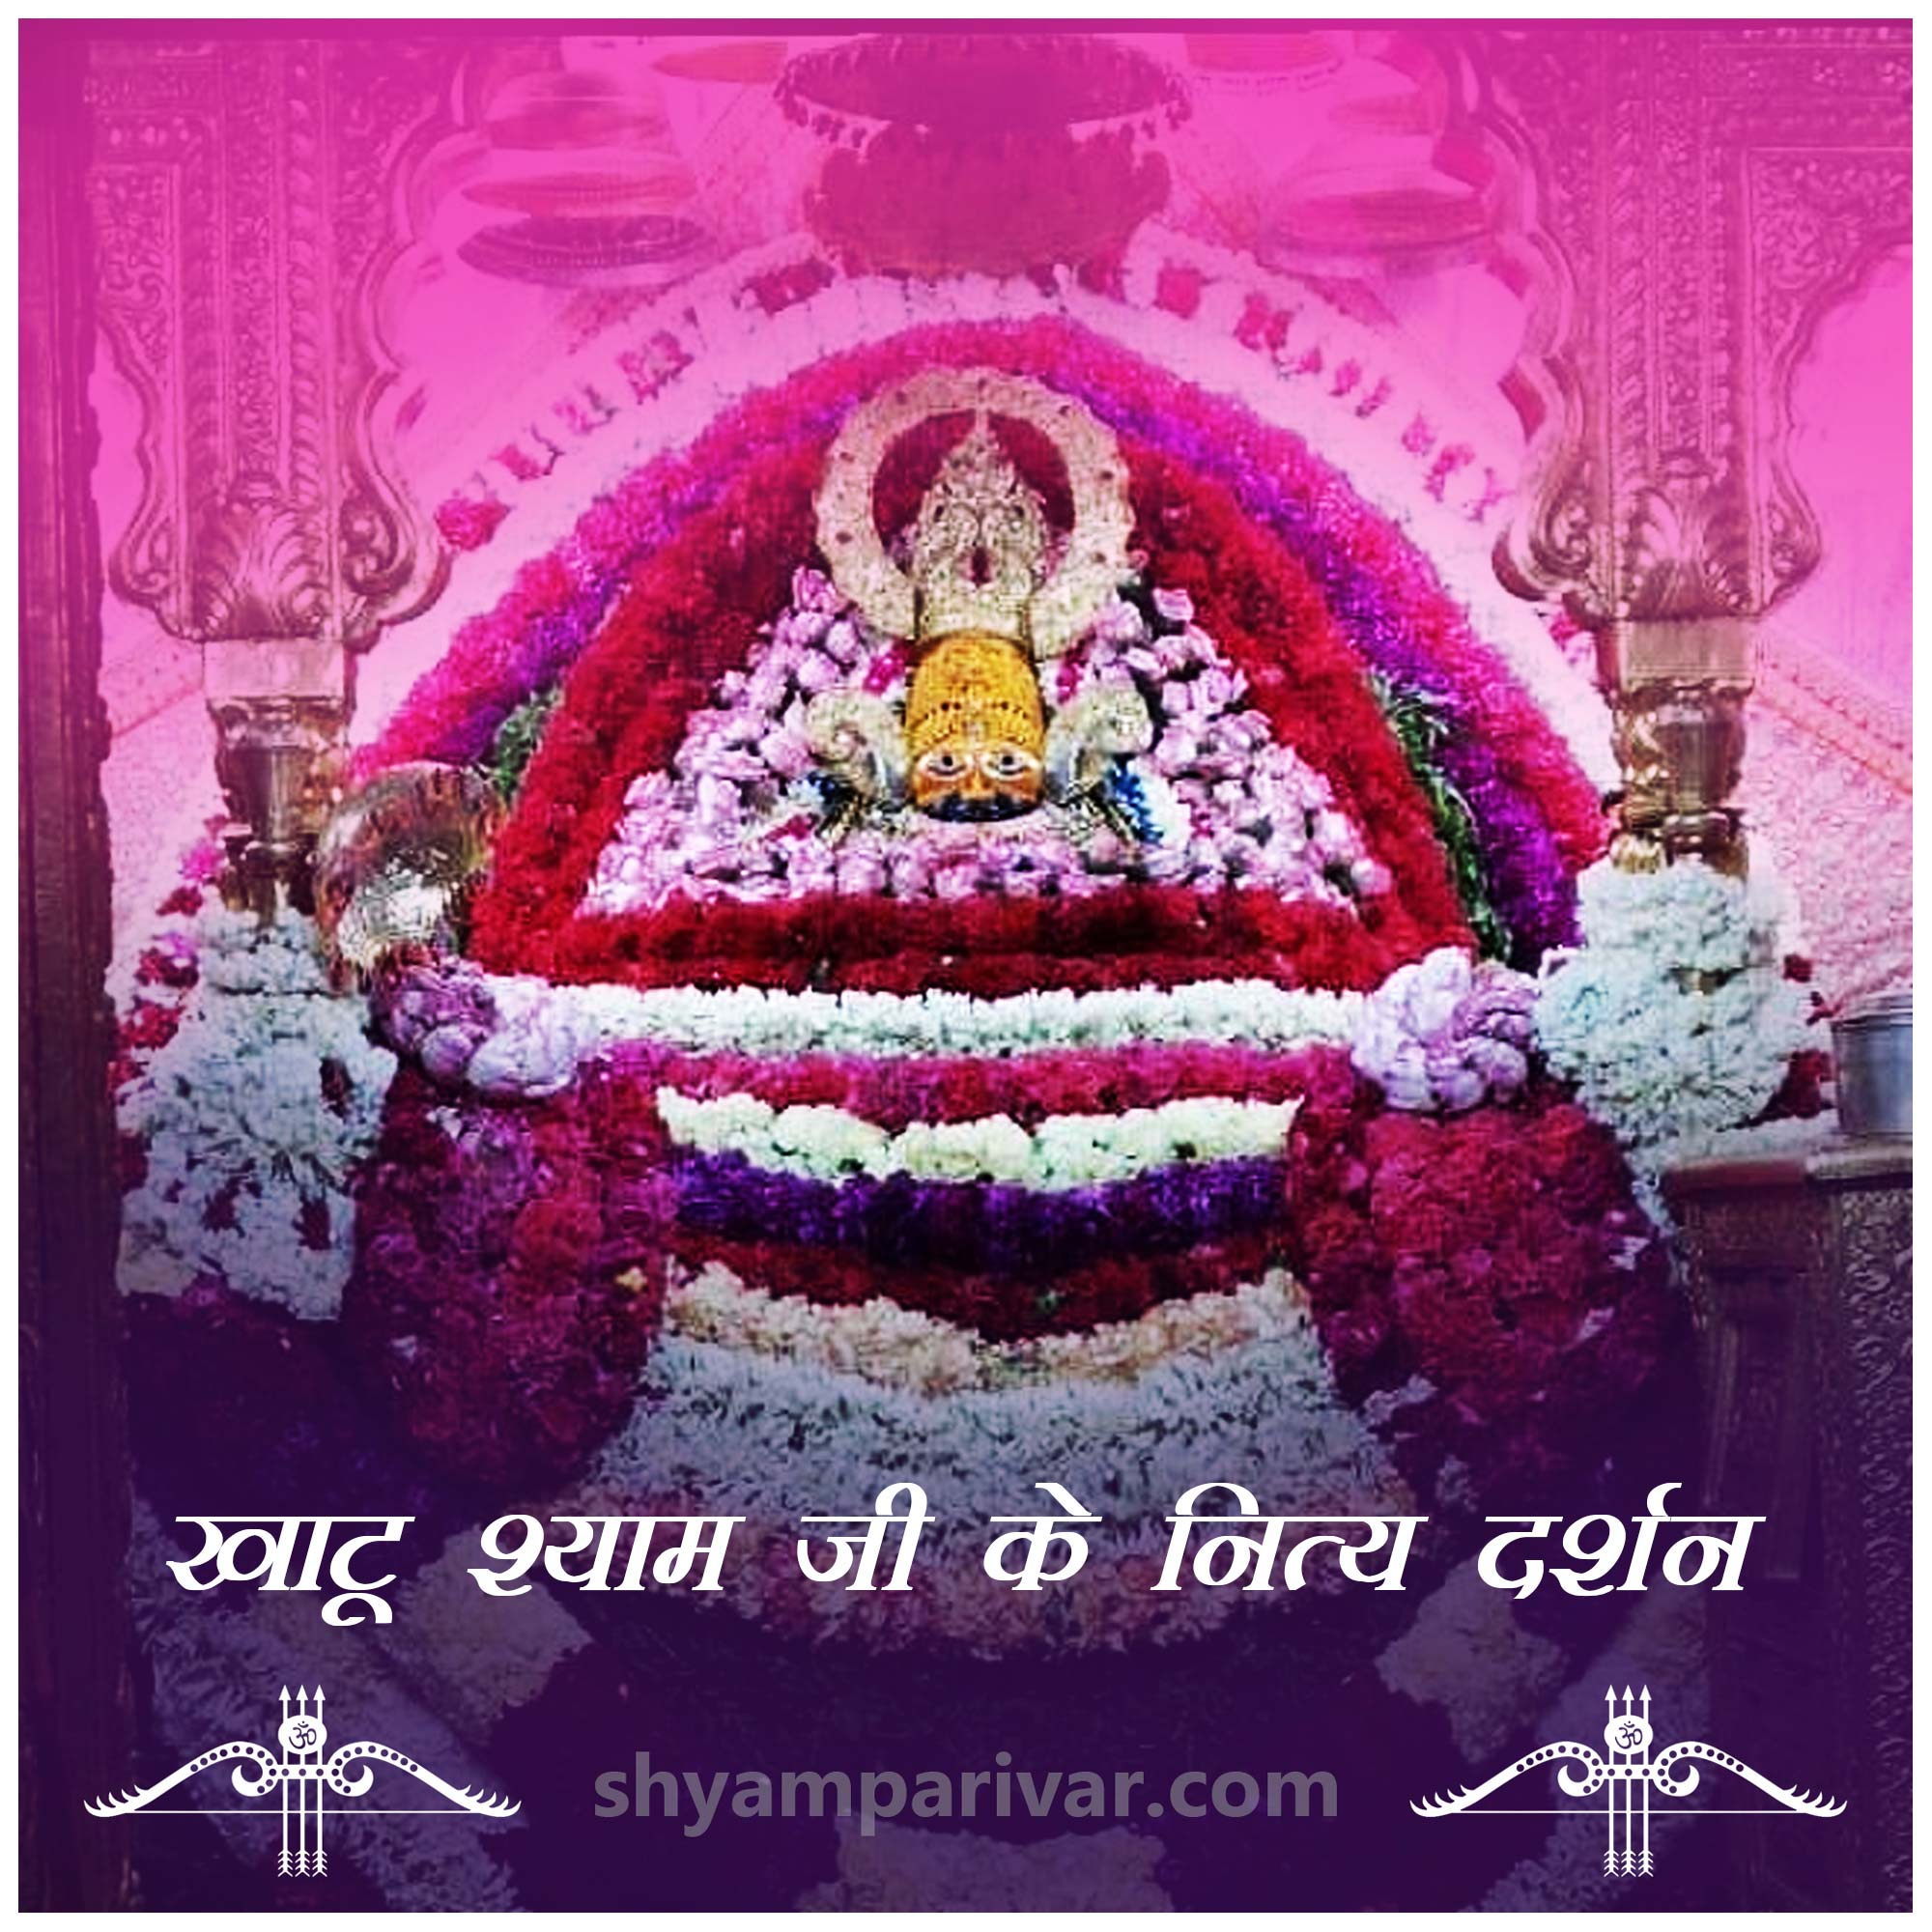 Khatu shyam ji live darshan